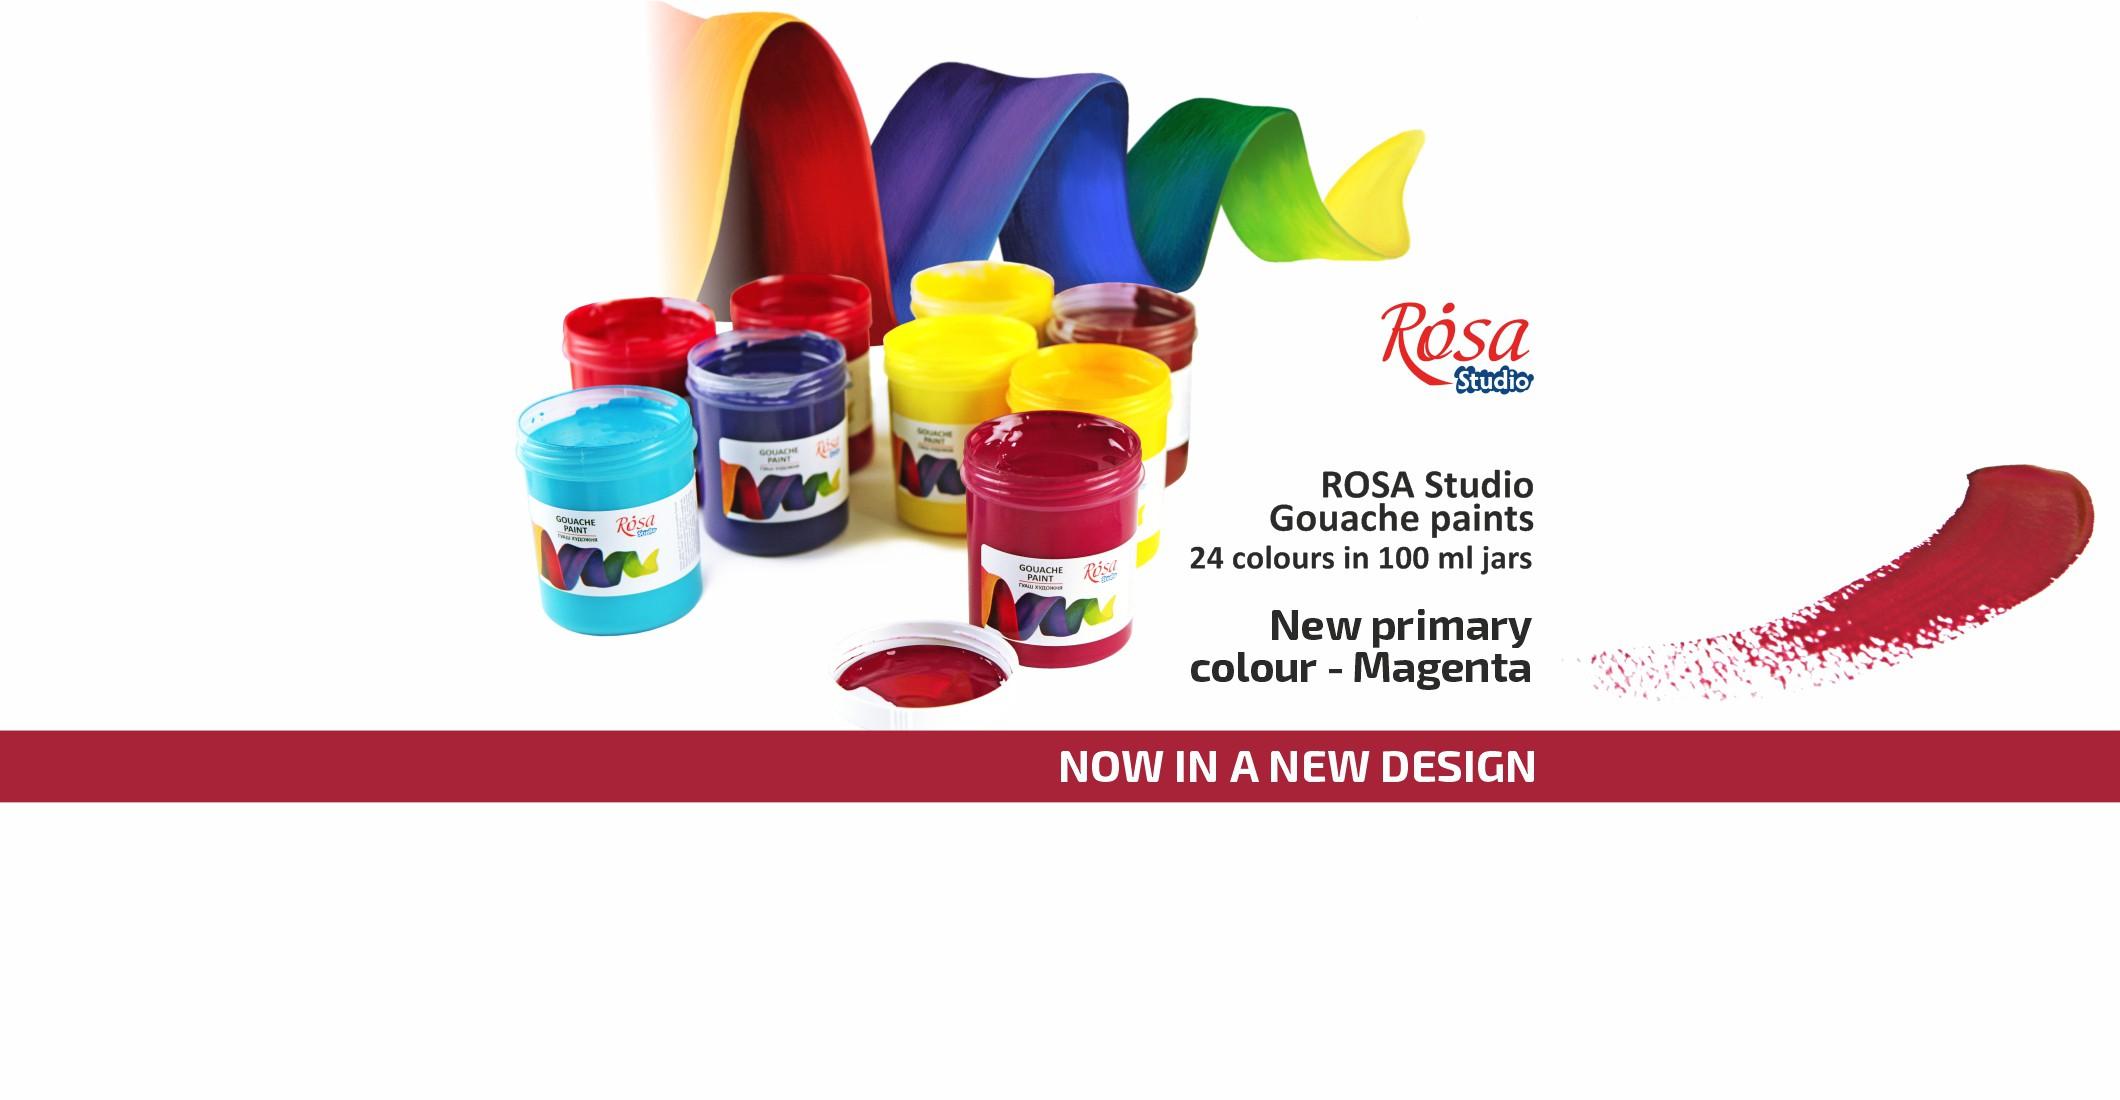 ROSA Studio Gouache paints in a new design